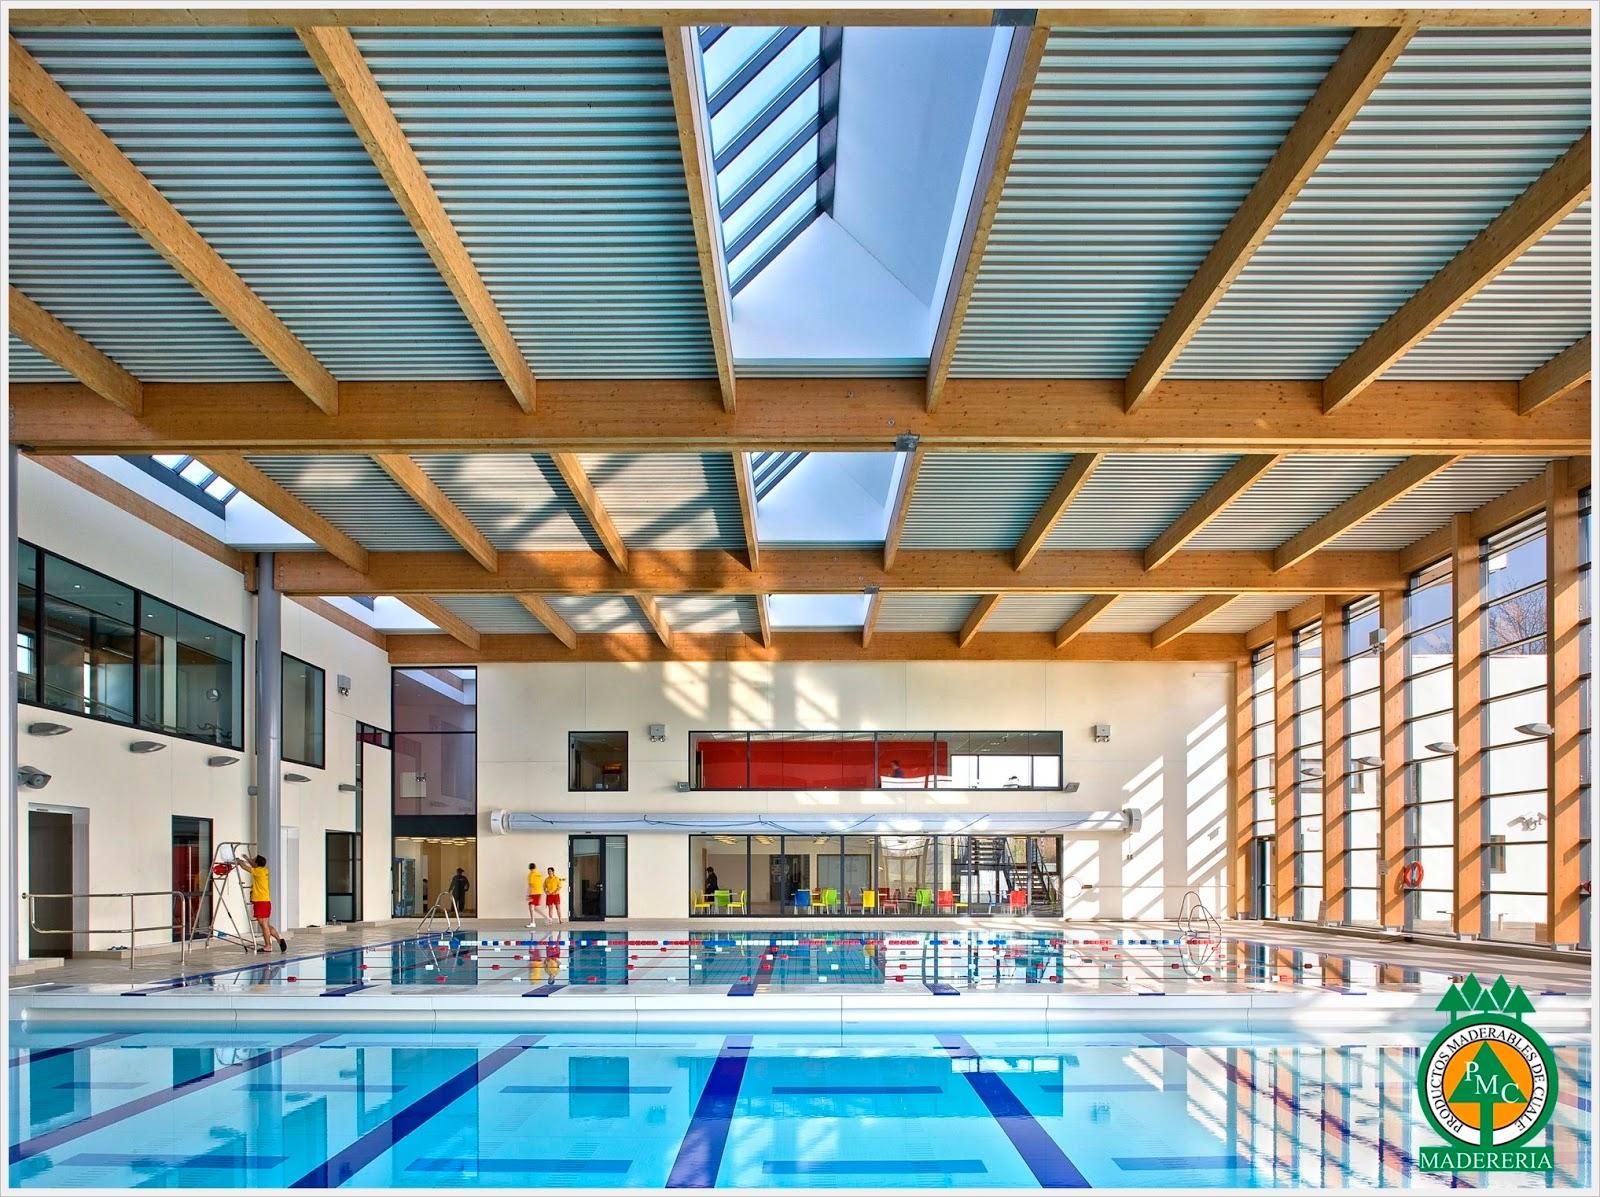 Productos maderables de cuale tipos de estructuras de - Estructuras de madera para tejados ...